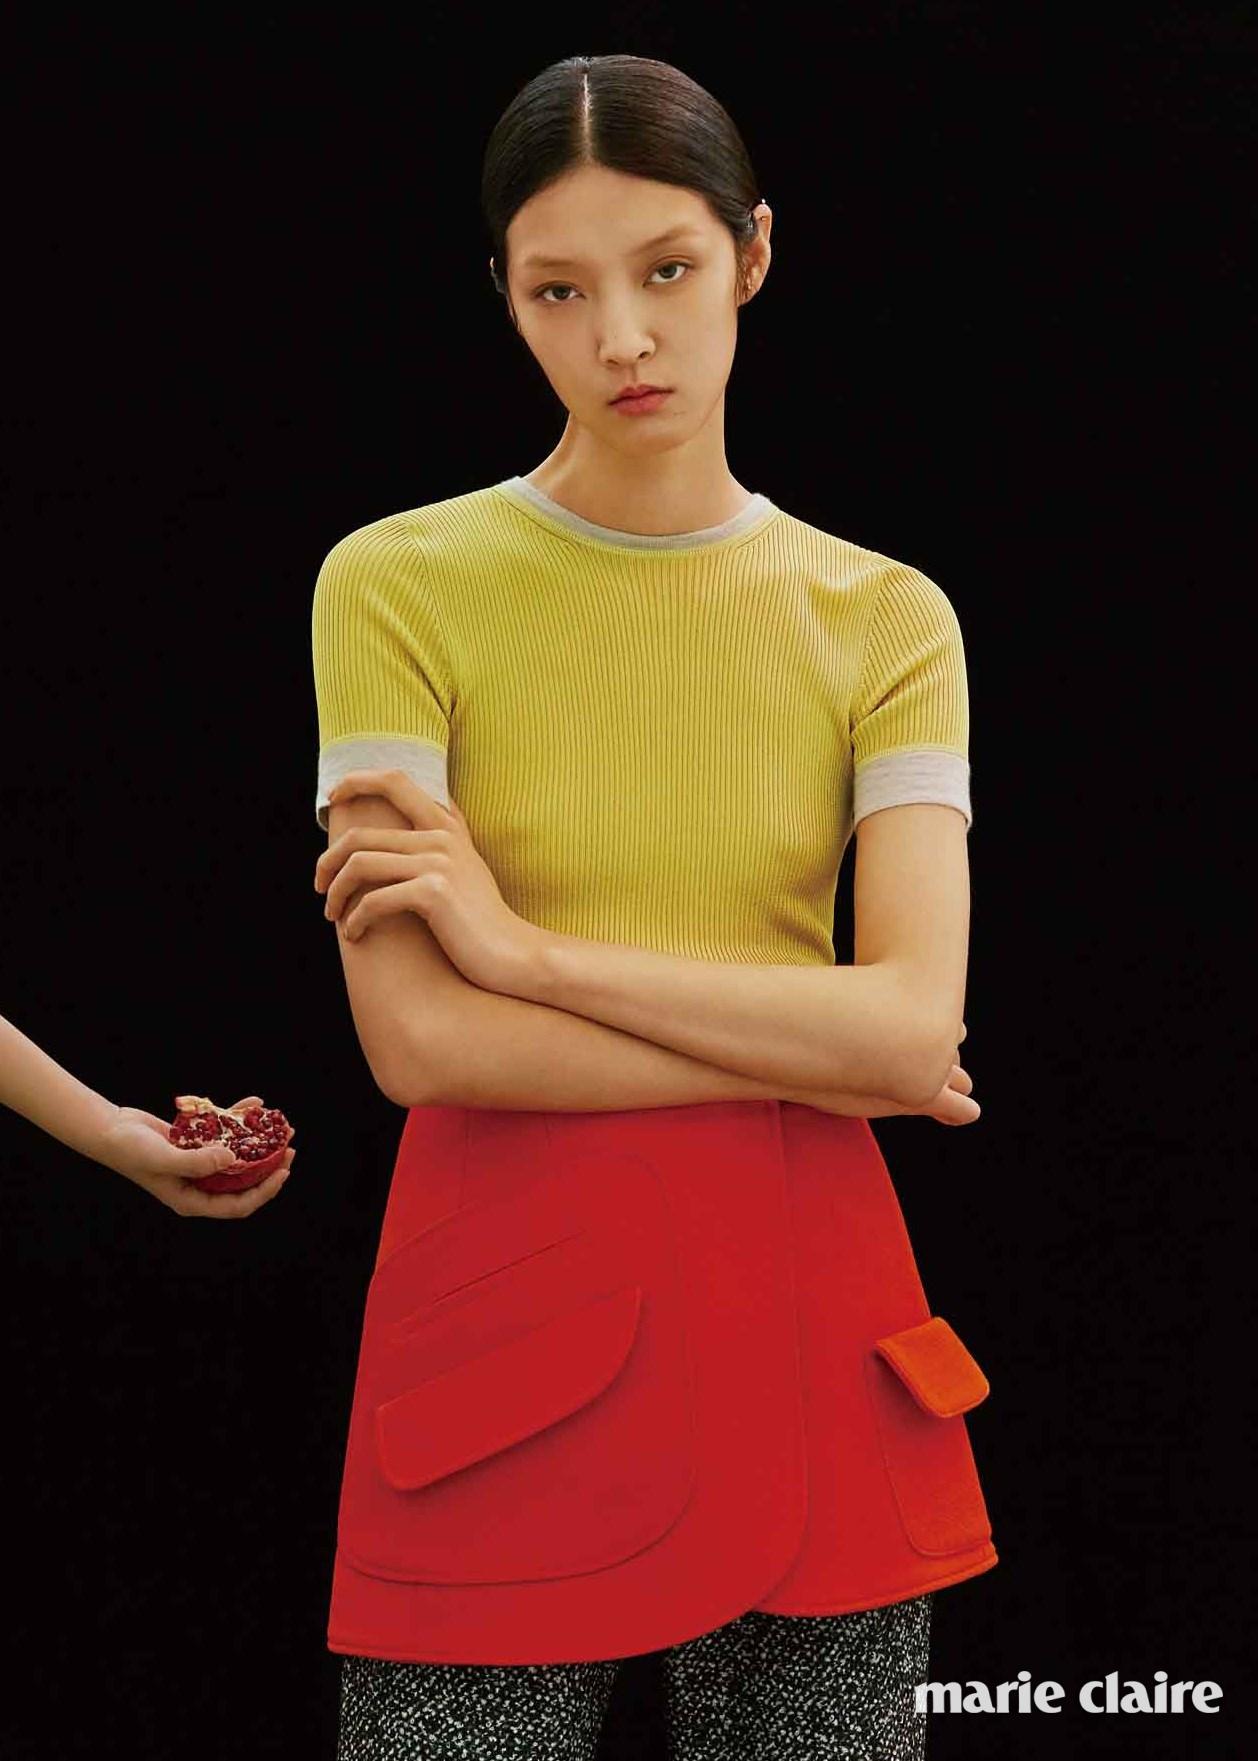 옐로 니트 톱, 커다란 포켓이 포인트인 오렌지색 스커트, 그레이 팬츠 모두 가격 미정 디올(Dior).